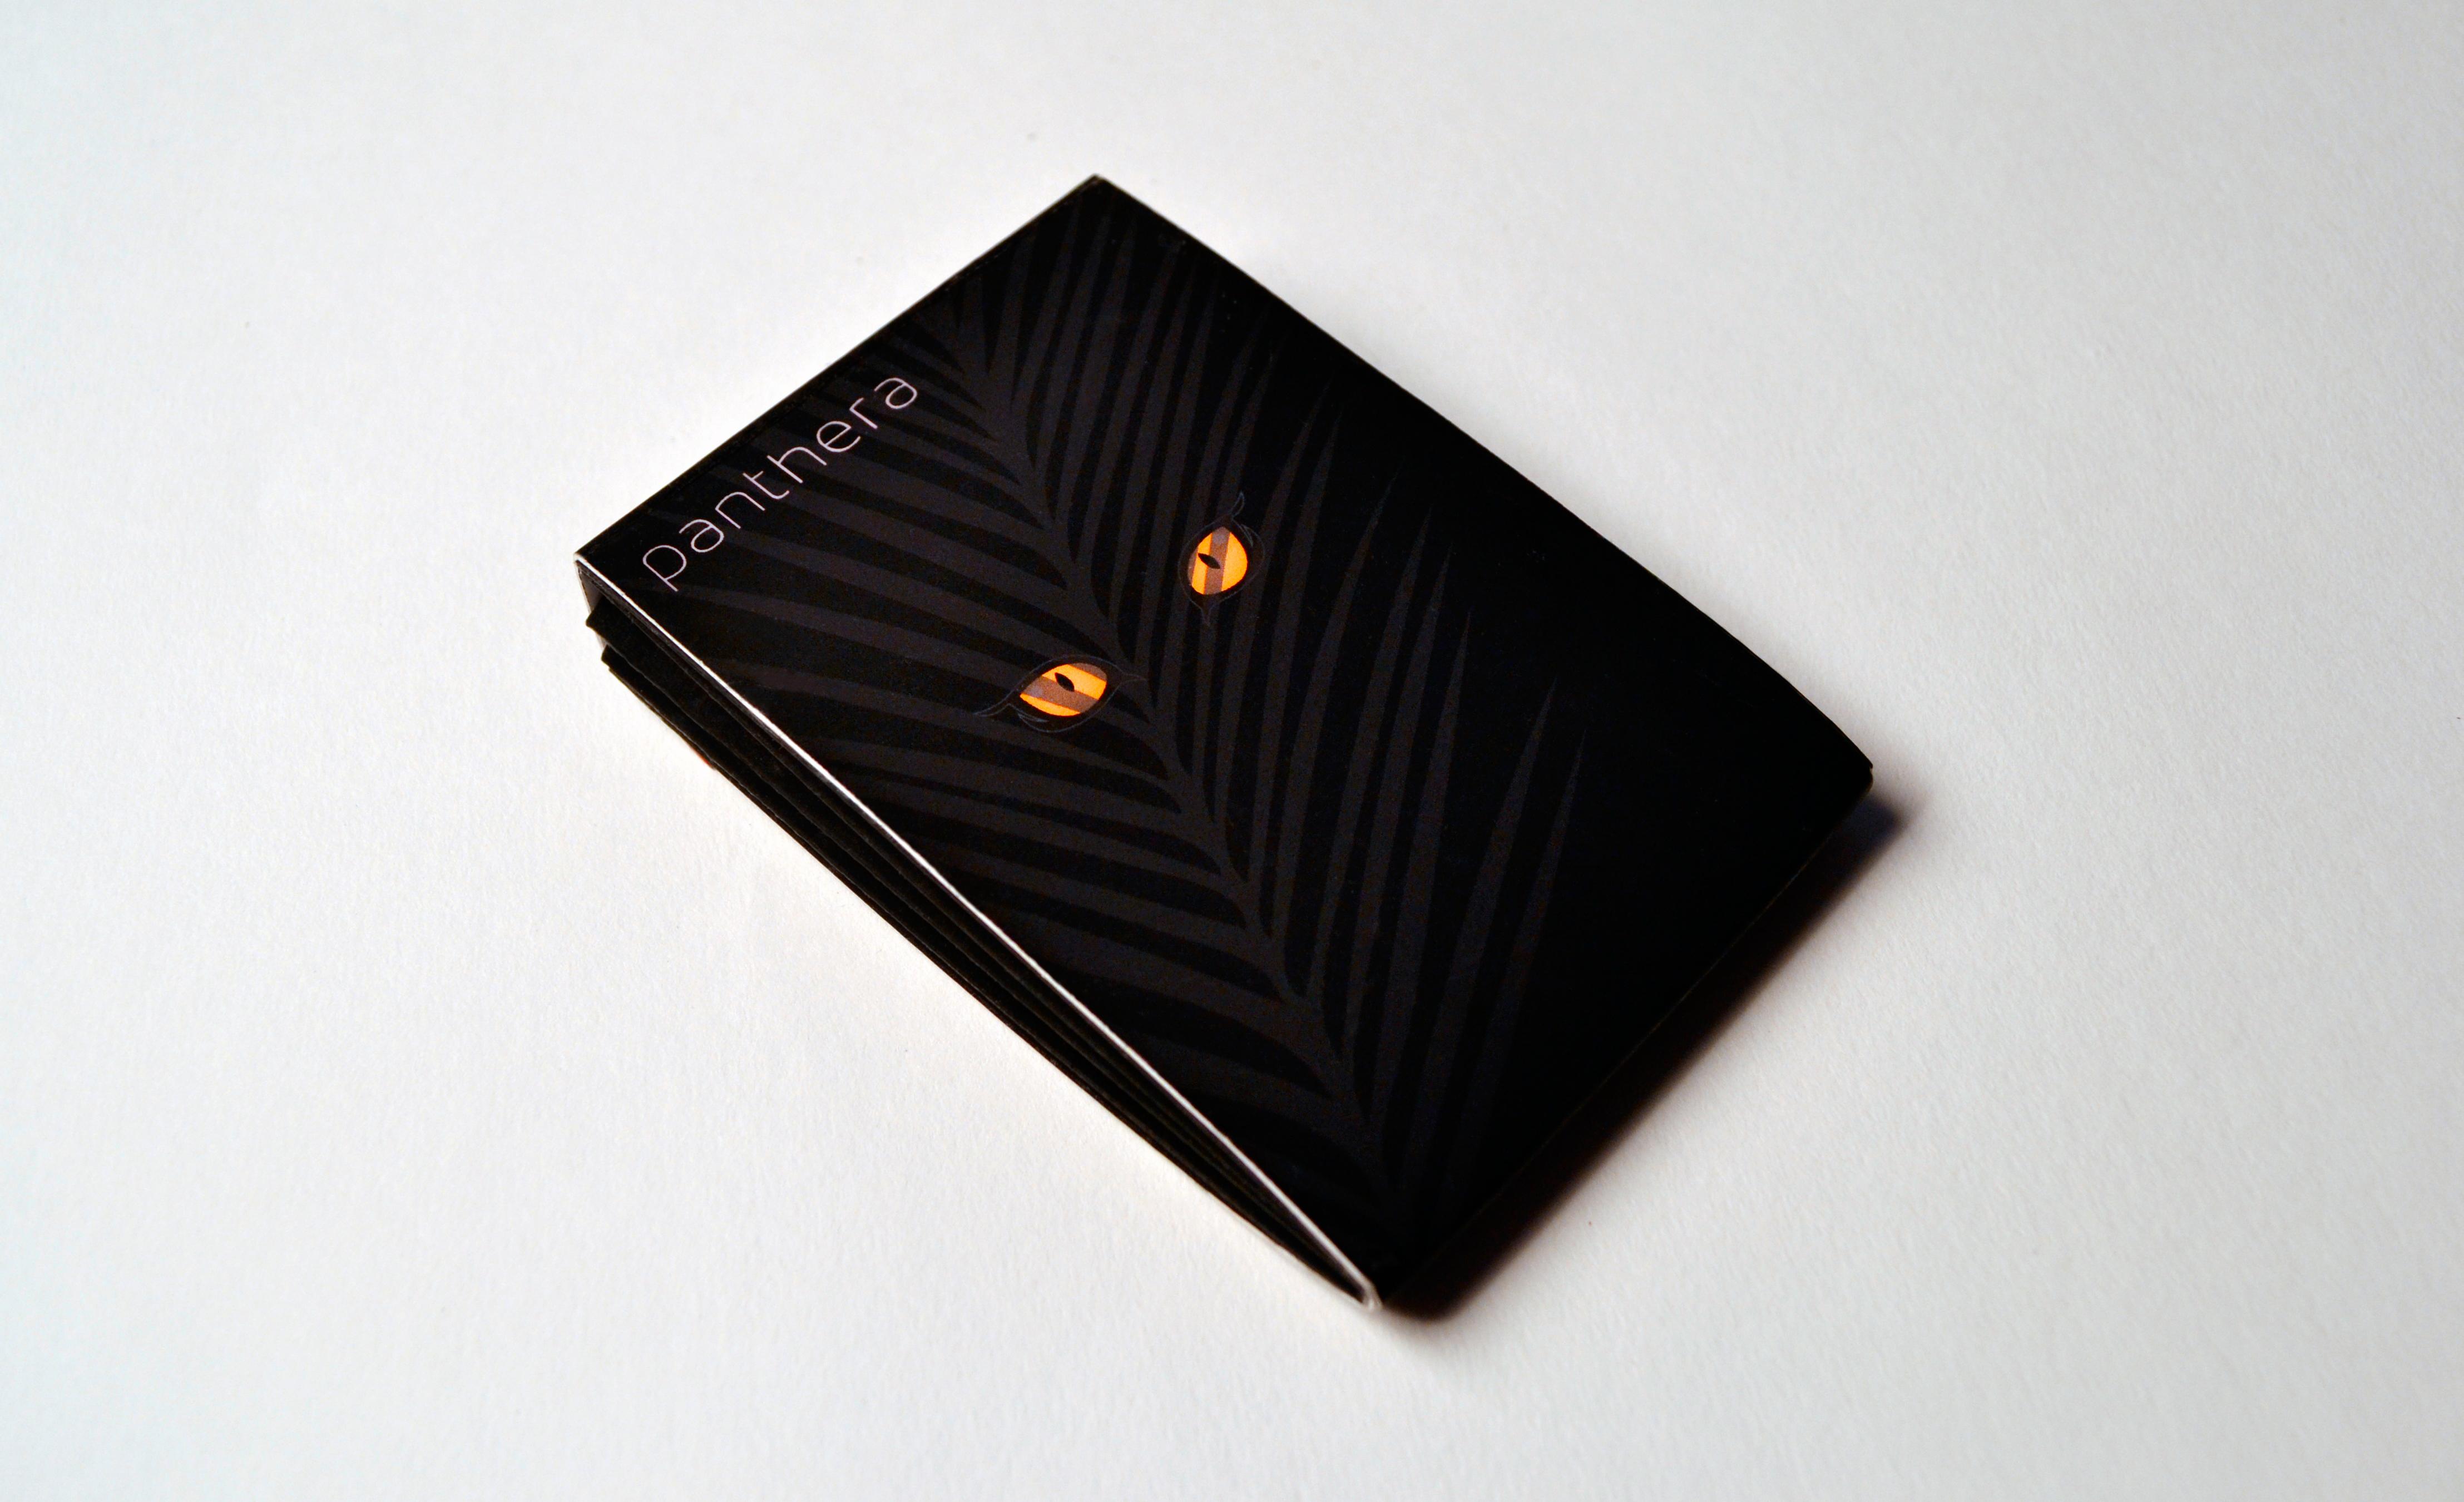 Panthera—Discreet Period Pads To Go